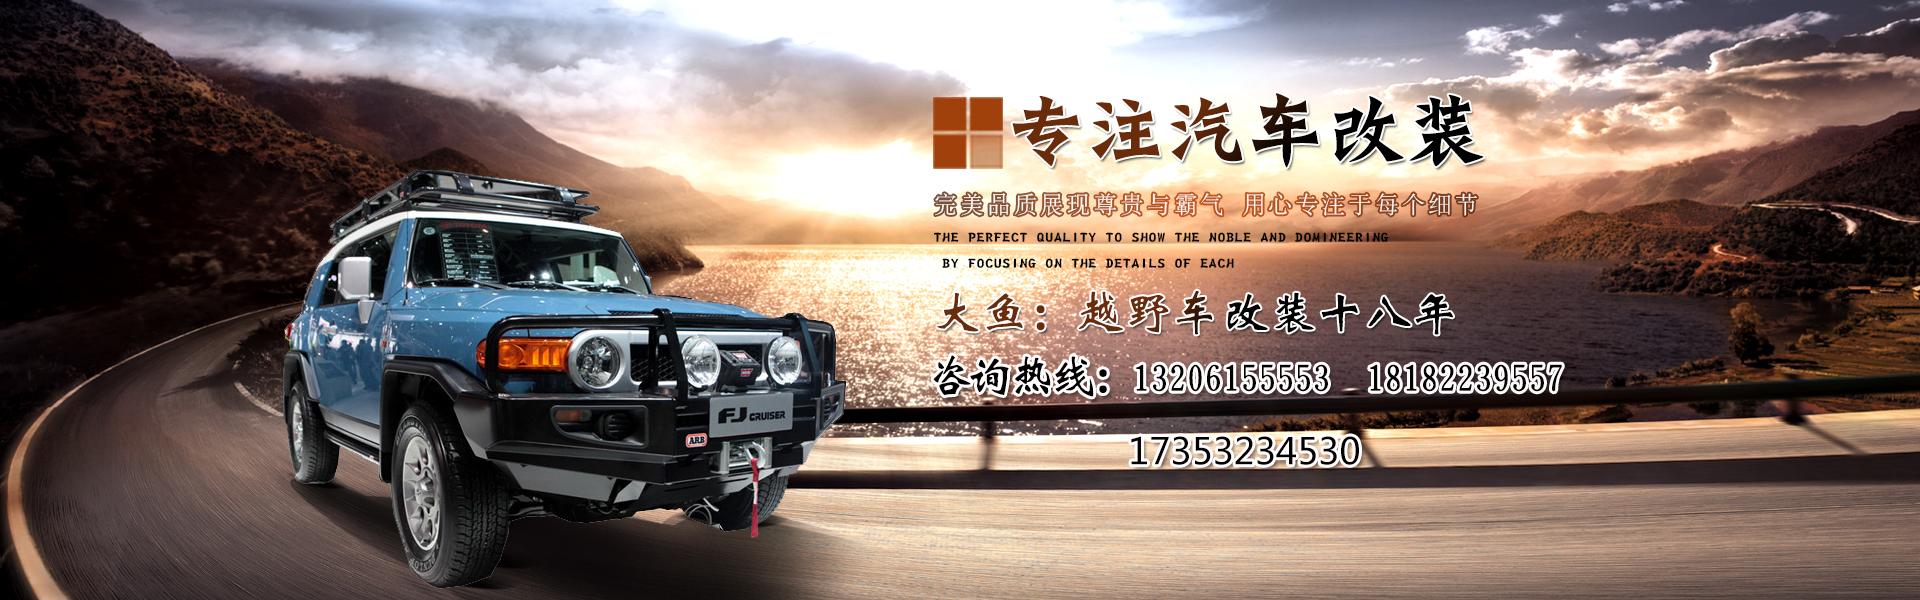 大鱼越野改装,专注汽车改装十八年,拥有最专业的改装技术,联系电话:13206155553,18182239557